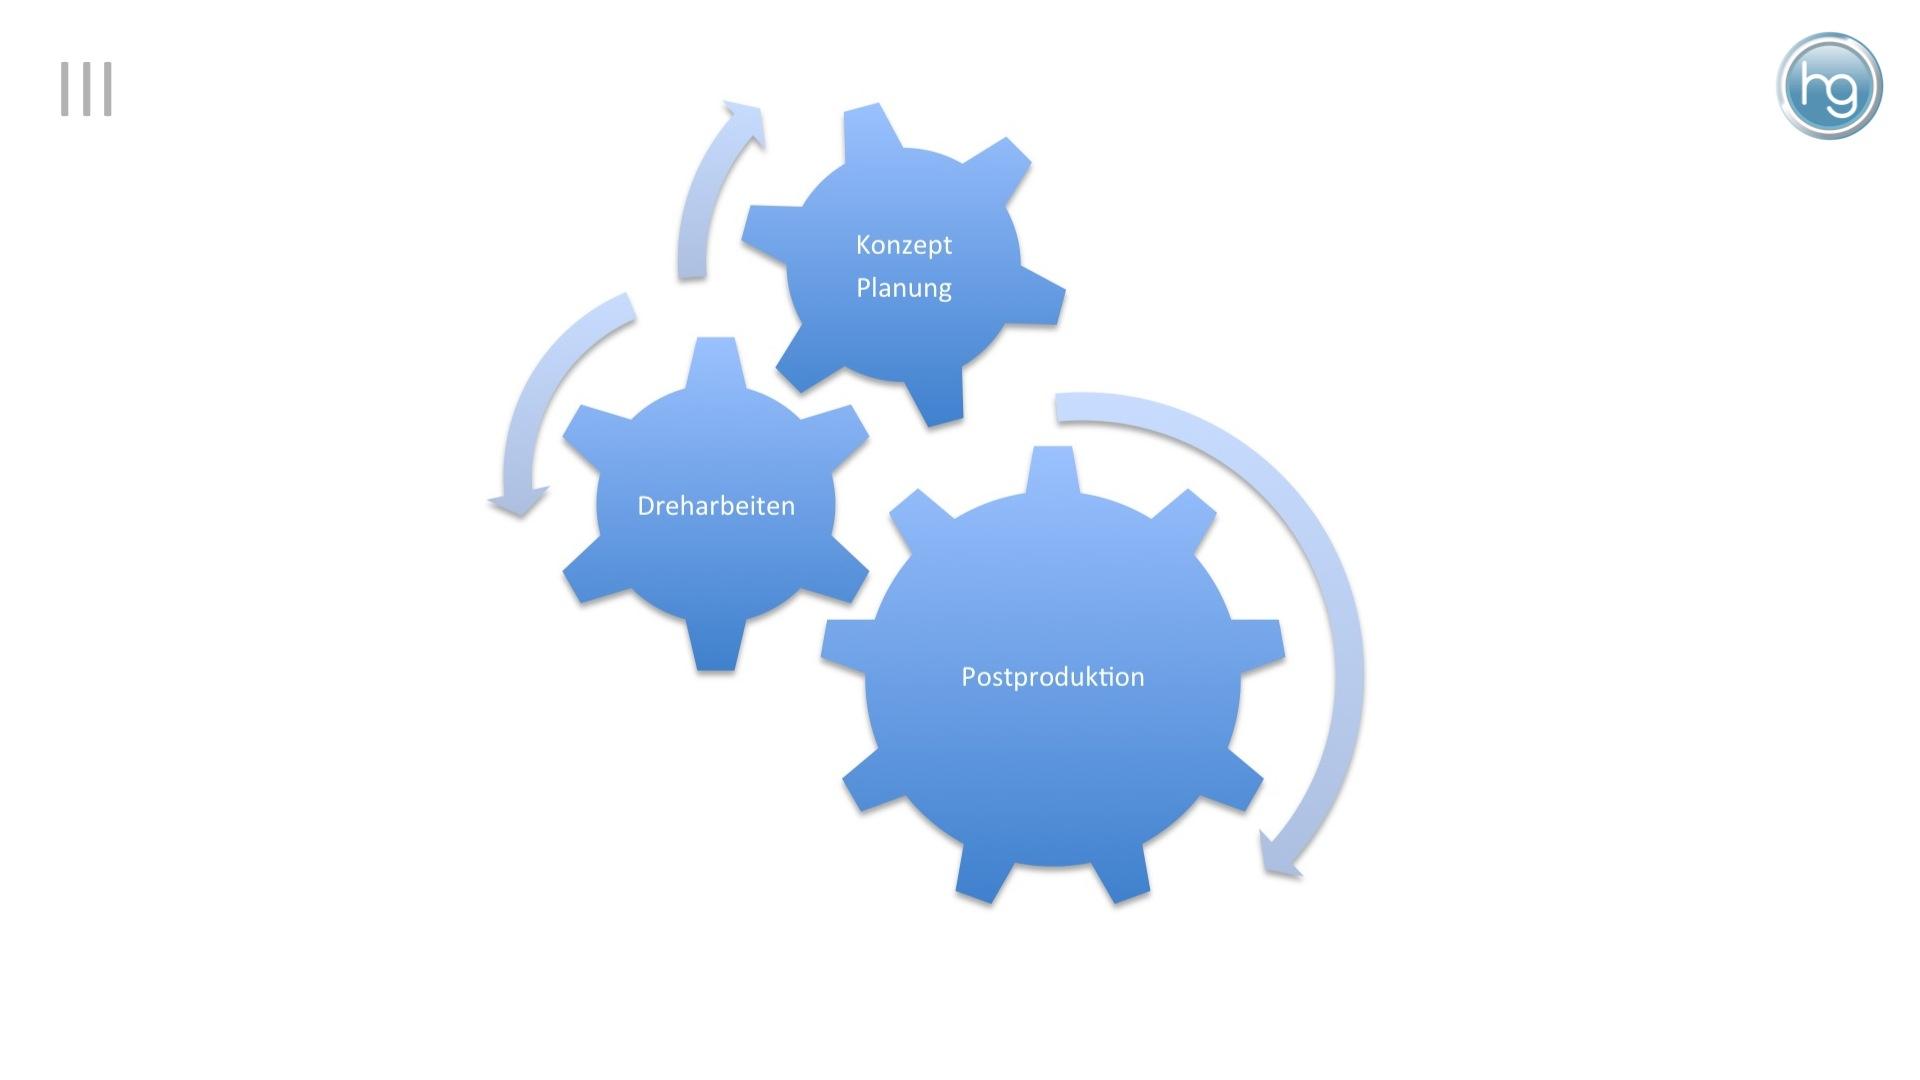 Durch Kenntnis des Zusammenspiels der wichtigsten Produktionsschritte lassen sich die Weichen für ein optimales Preis-Leistungsverhältnis stellen.